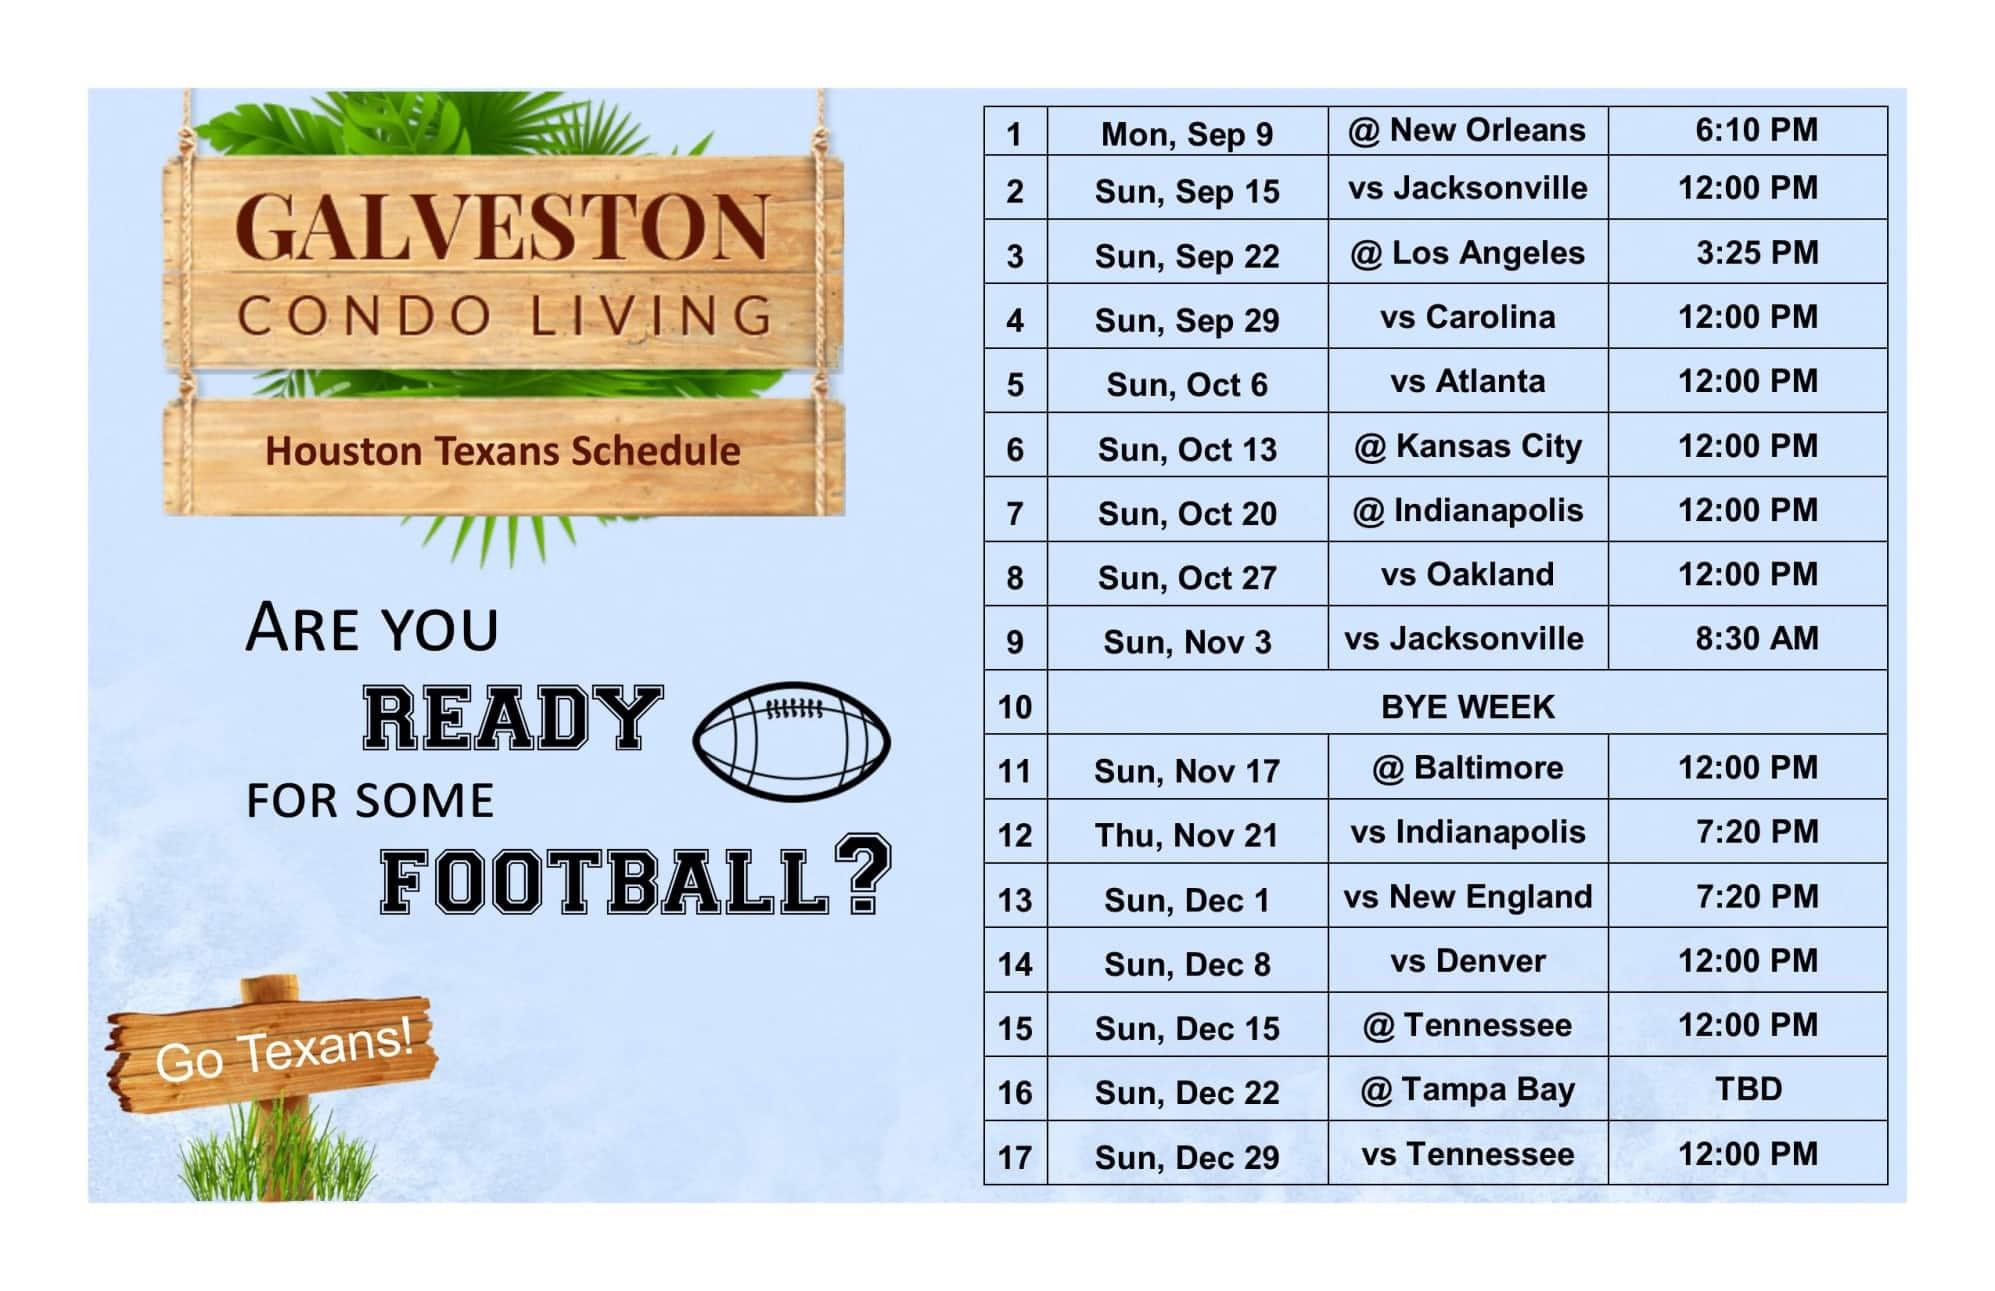 2019 Houston Texans football schedule